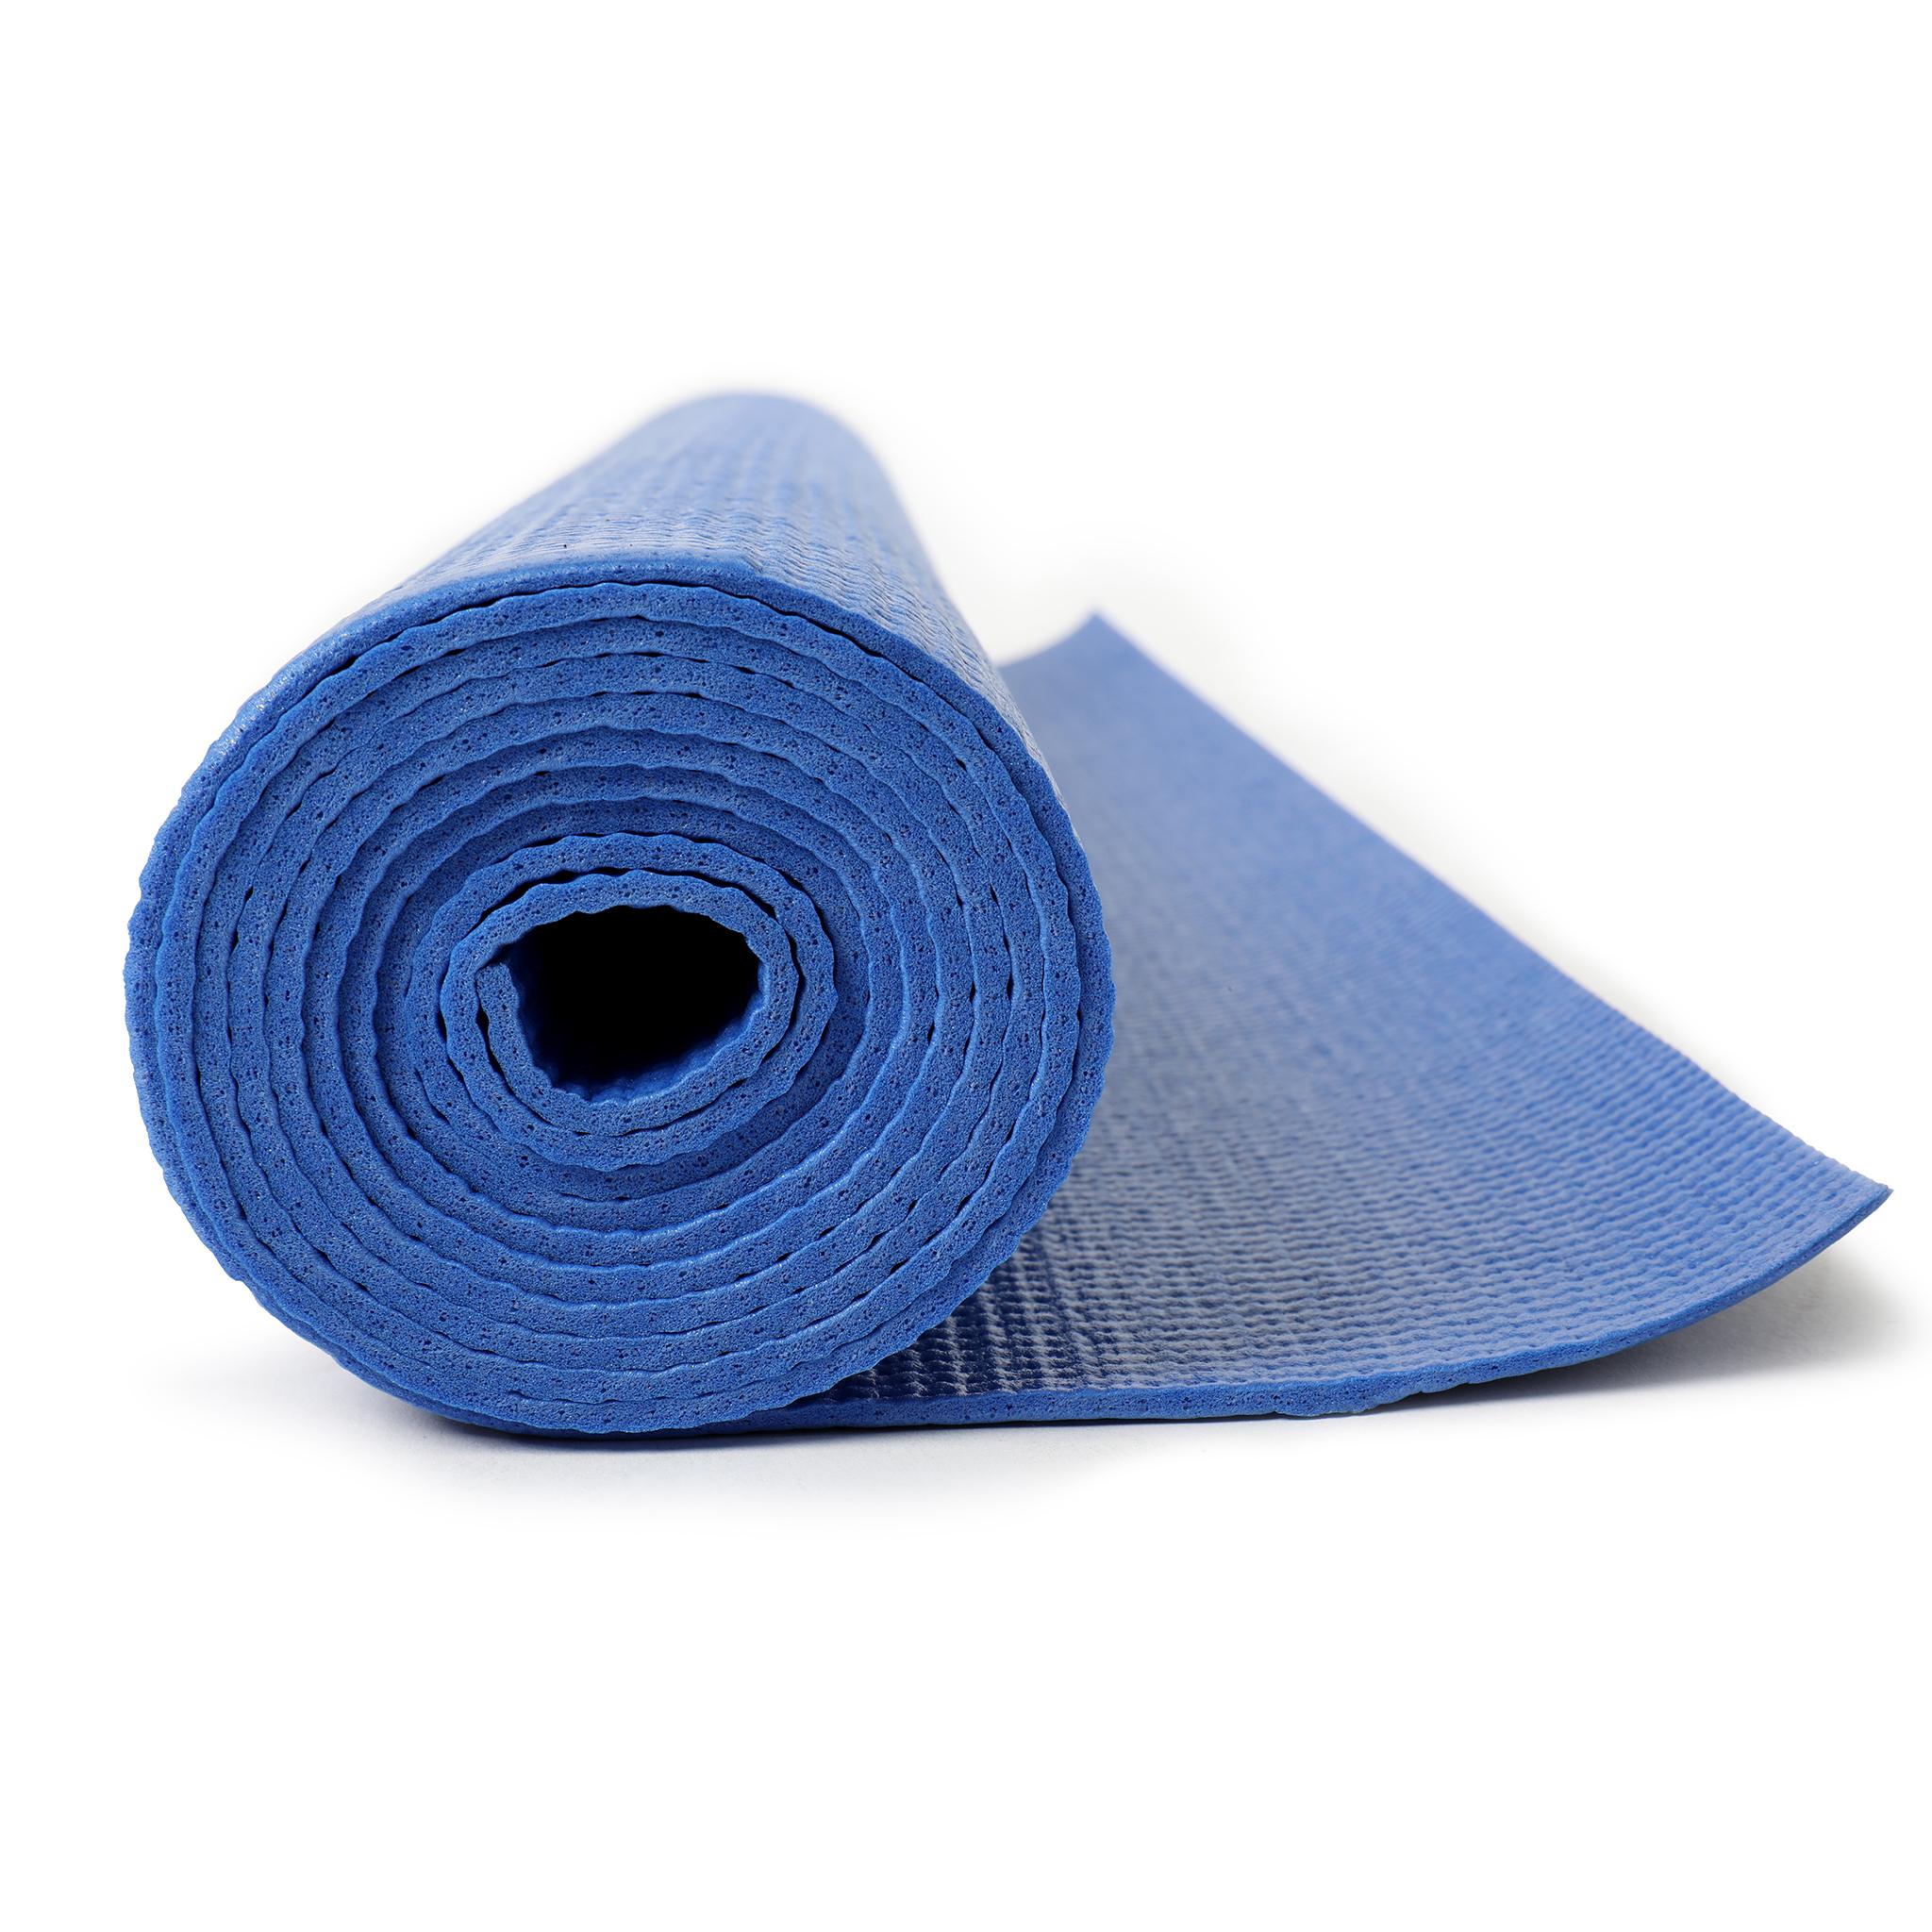 Pilates & Yoga Mat, 5'8